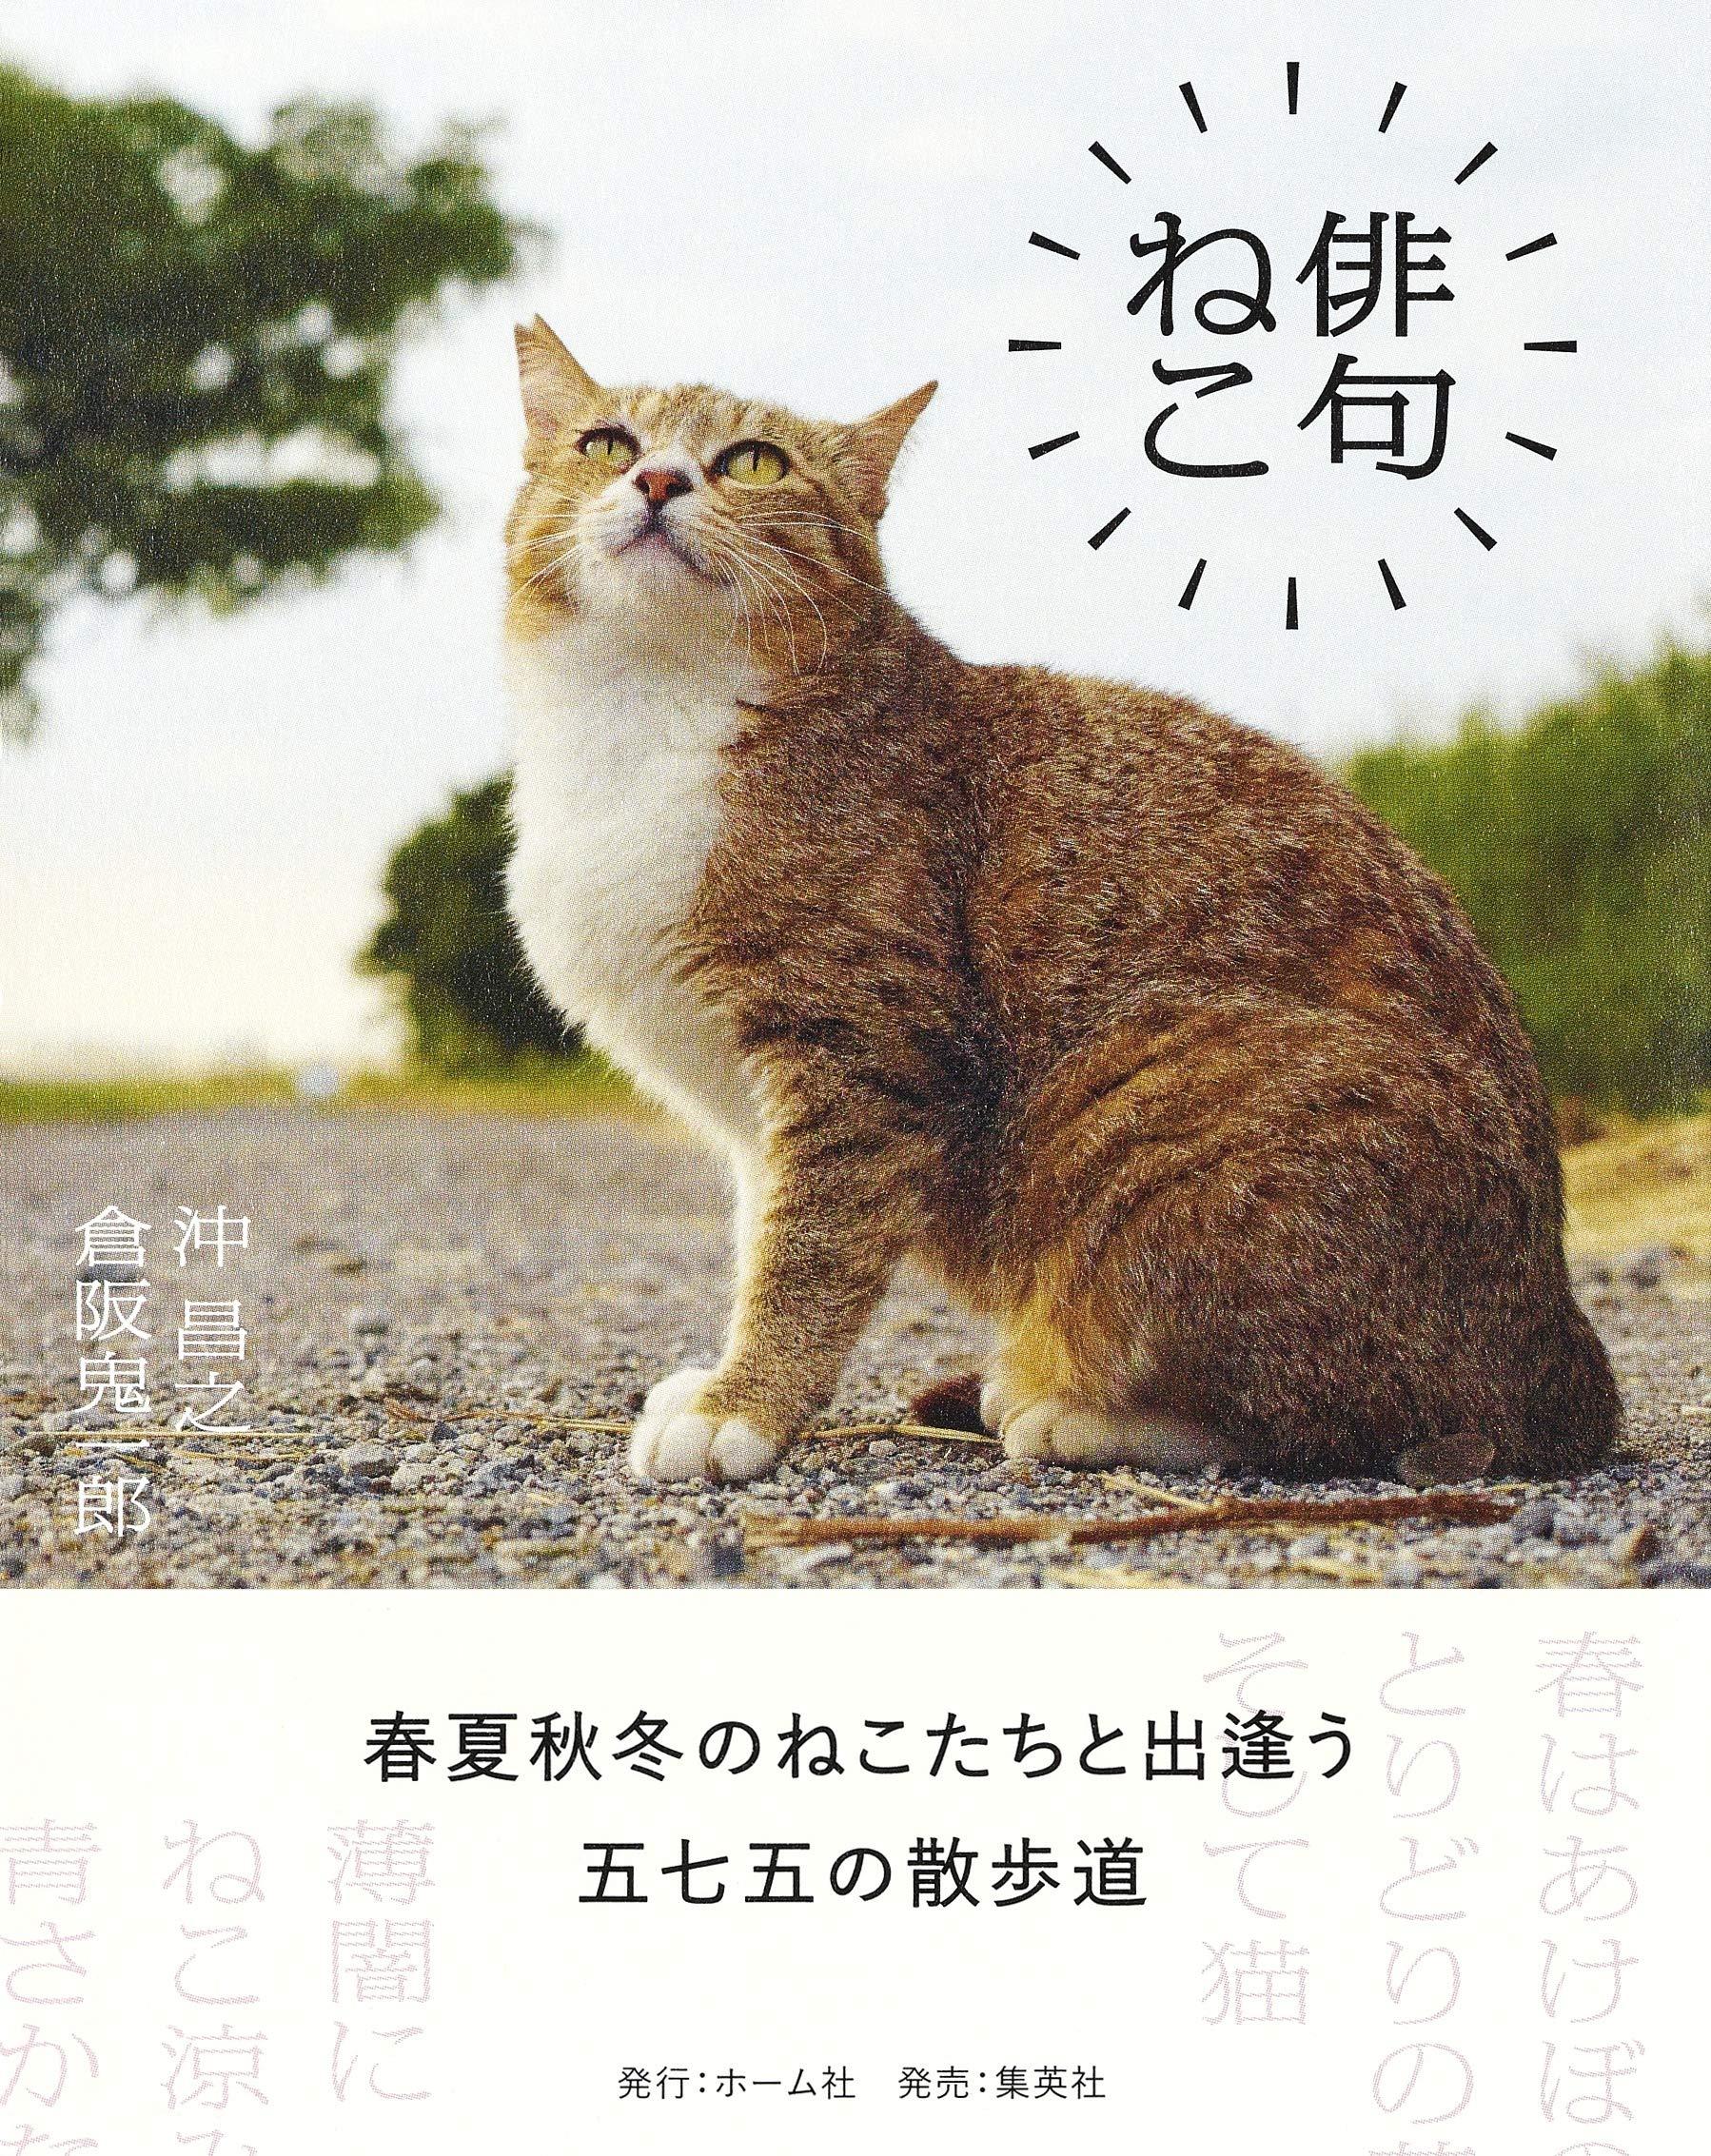 『俳句ねこ』<br> (ホーム社、定価1,400円)